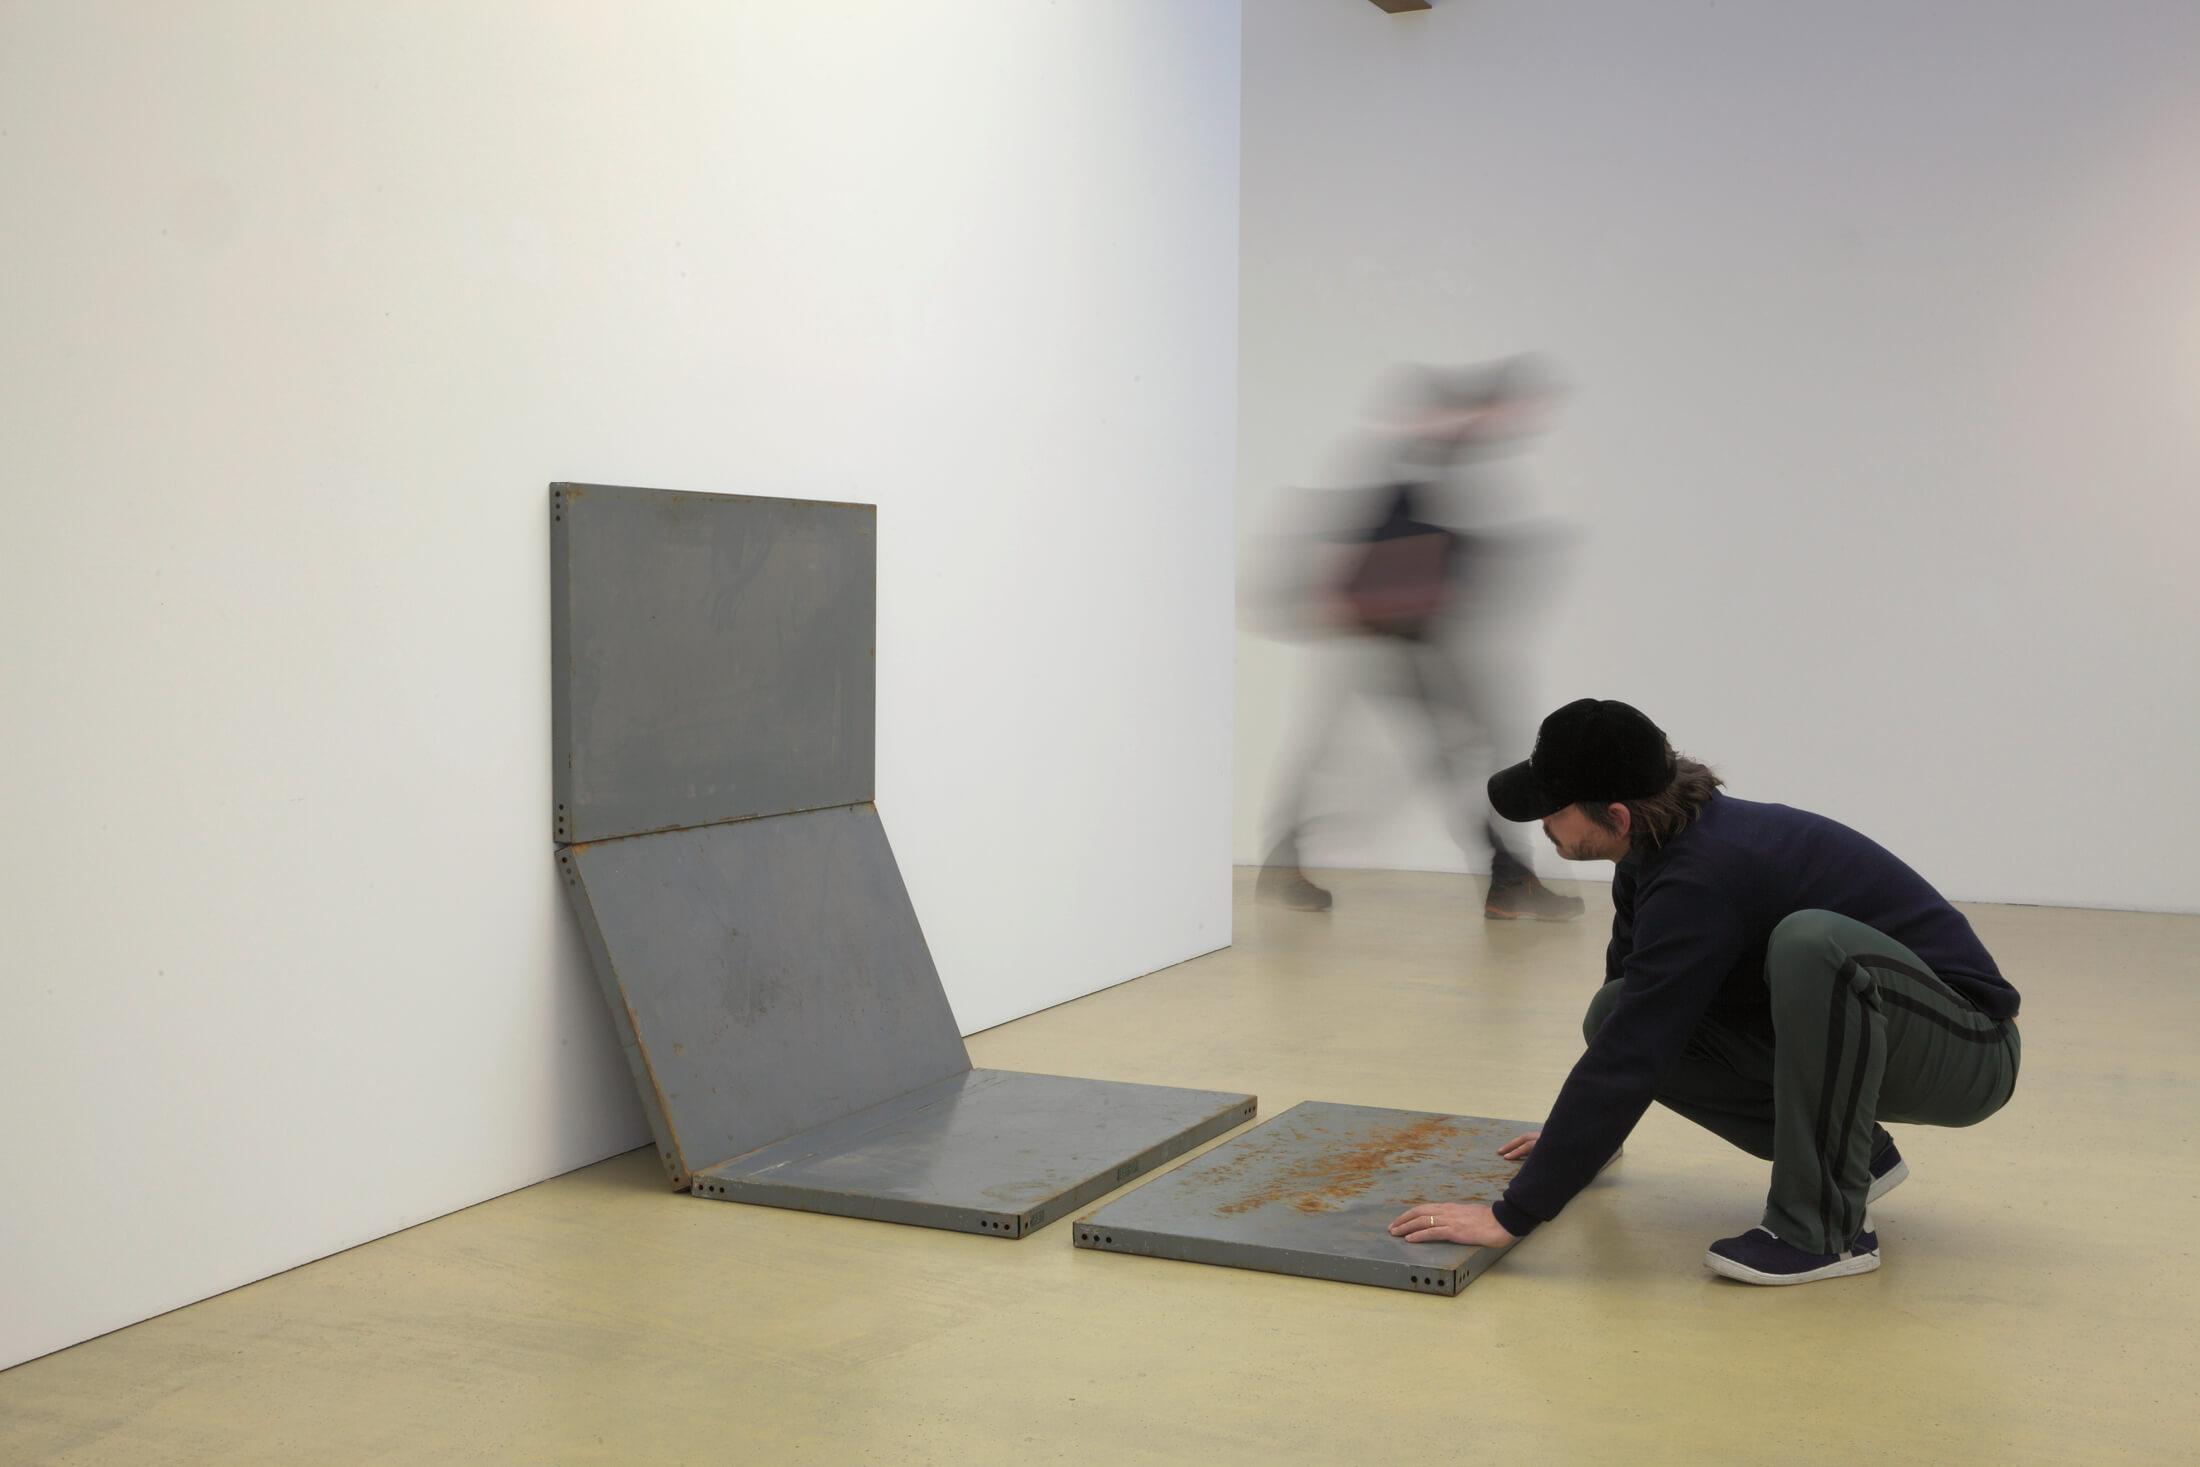 Kunstwerk - Sammlung Klein - Nussdorf - Museum - Kunst - Art - Baden-Württemberg - Hängung #18 - Räumlichkeiten - Umschichten - Bauprobe 2018 - Lukasz Lendzinski - Peter Weigand